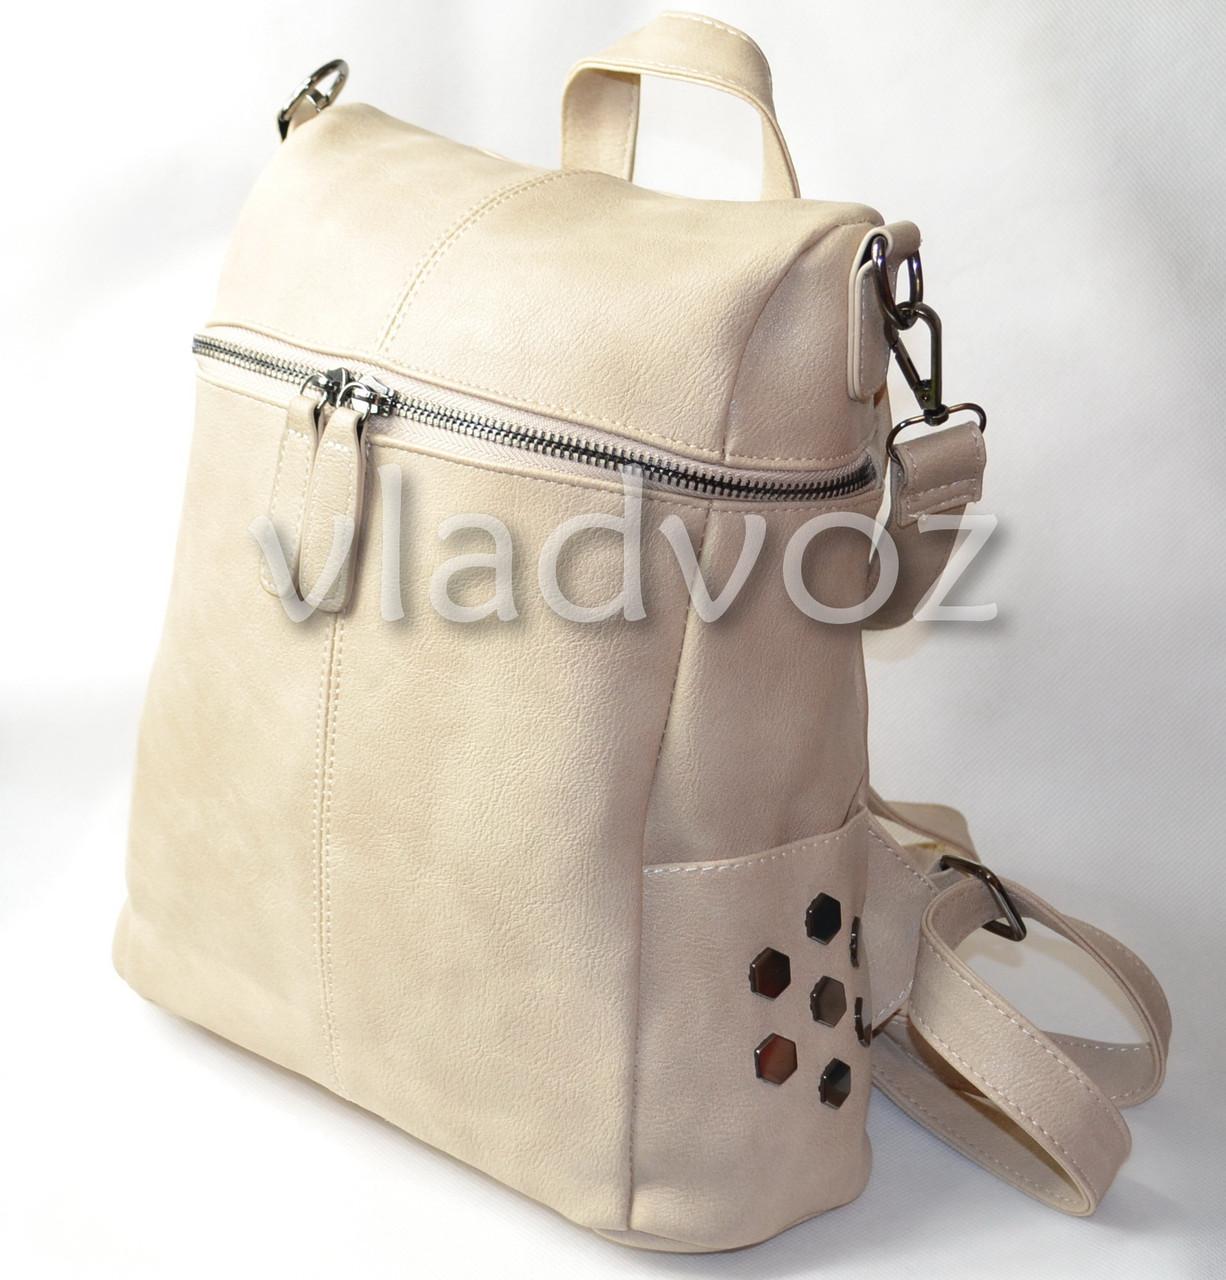 Городской женский молодежный модный стильный рюкзак сумка бежевый - интернет-магазин vladvozsklad мтс 0666993749, киевстар 0681044912, лайф 0932504050 в Николаевской области